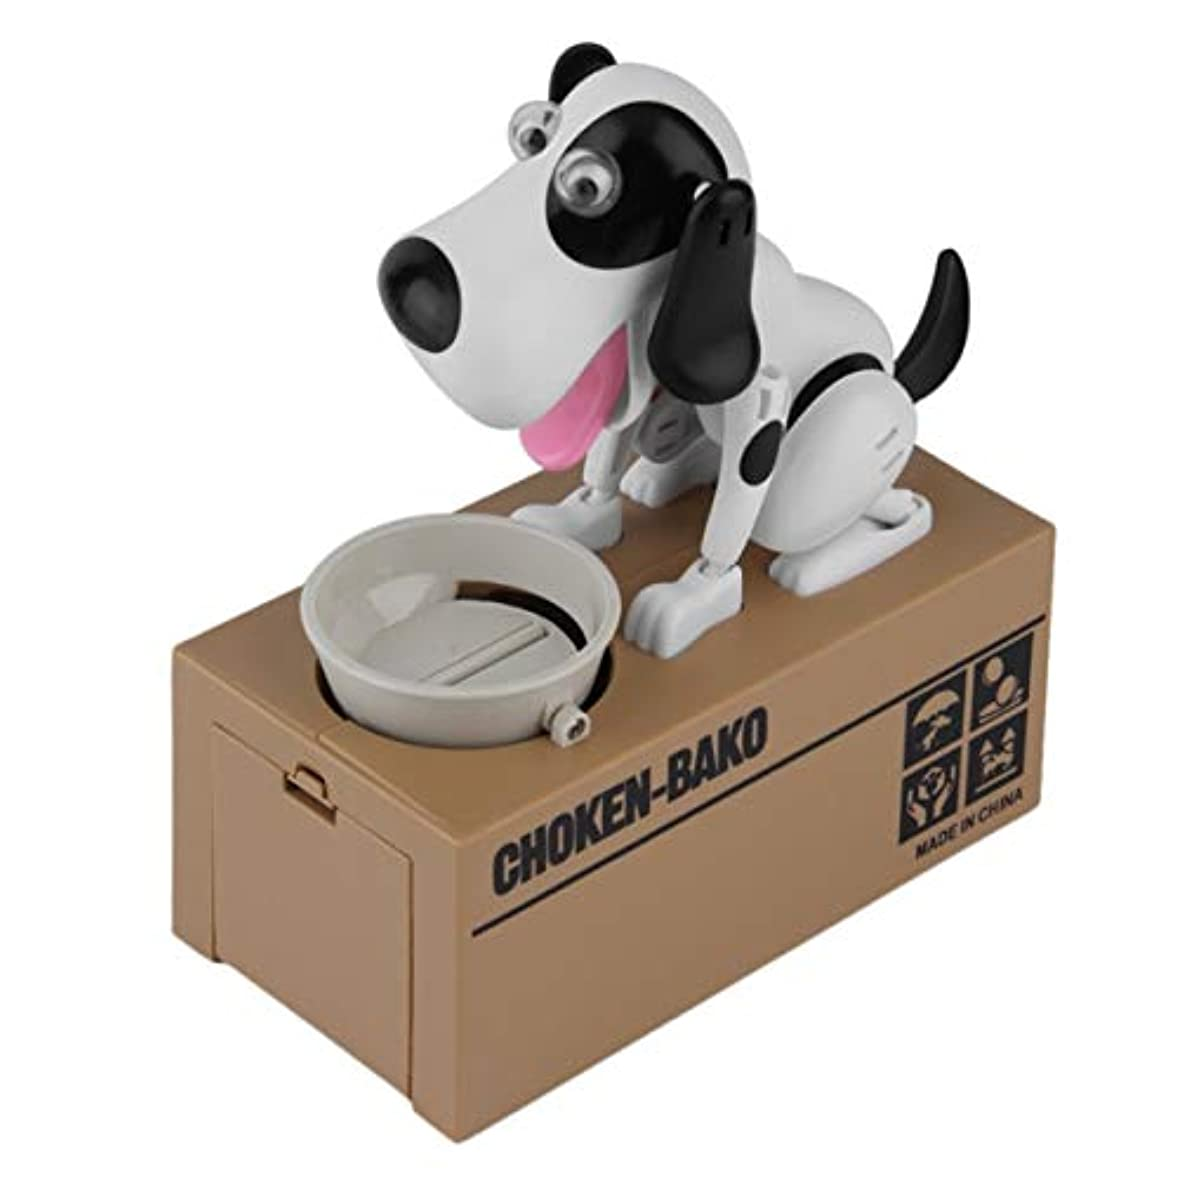 競う今まで抑圧Saikogoods 耐久性に優れたロボット犬貯金箱自動コインマネーバンクかわいい犬モデルマネーバンクマネーセービングボックスコインボックスを盗みました 黒+白